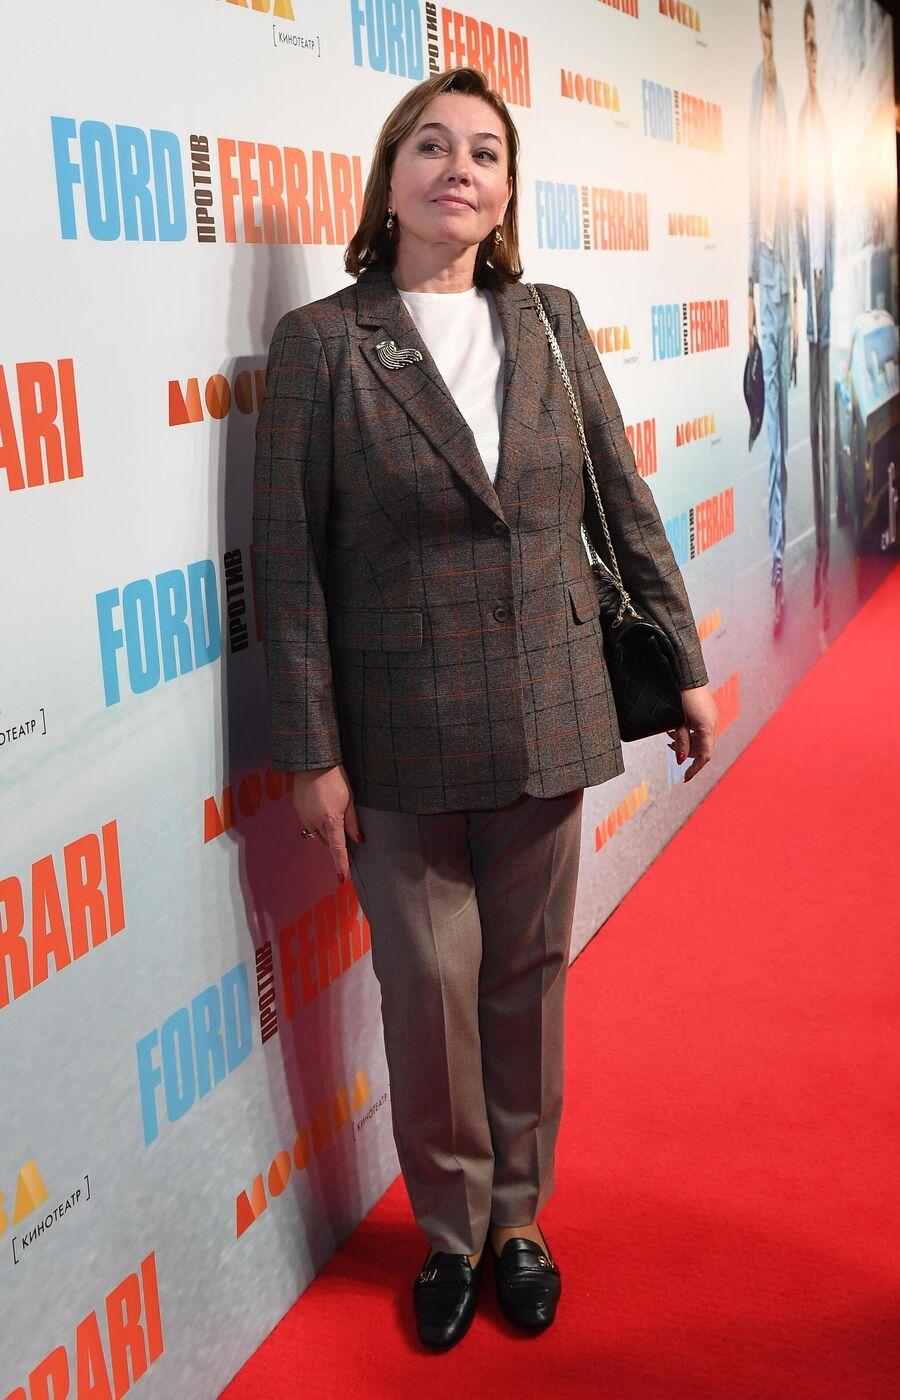 Телеведущая, журналист Арина Шарапова на премьере фильма Джеймса Мэнголда Ford против Ferrari в Москве